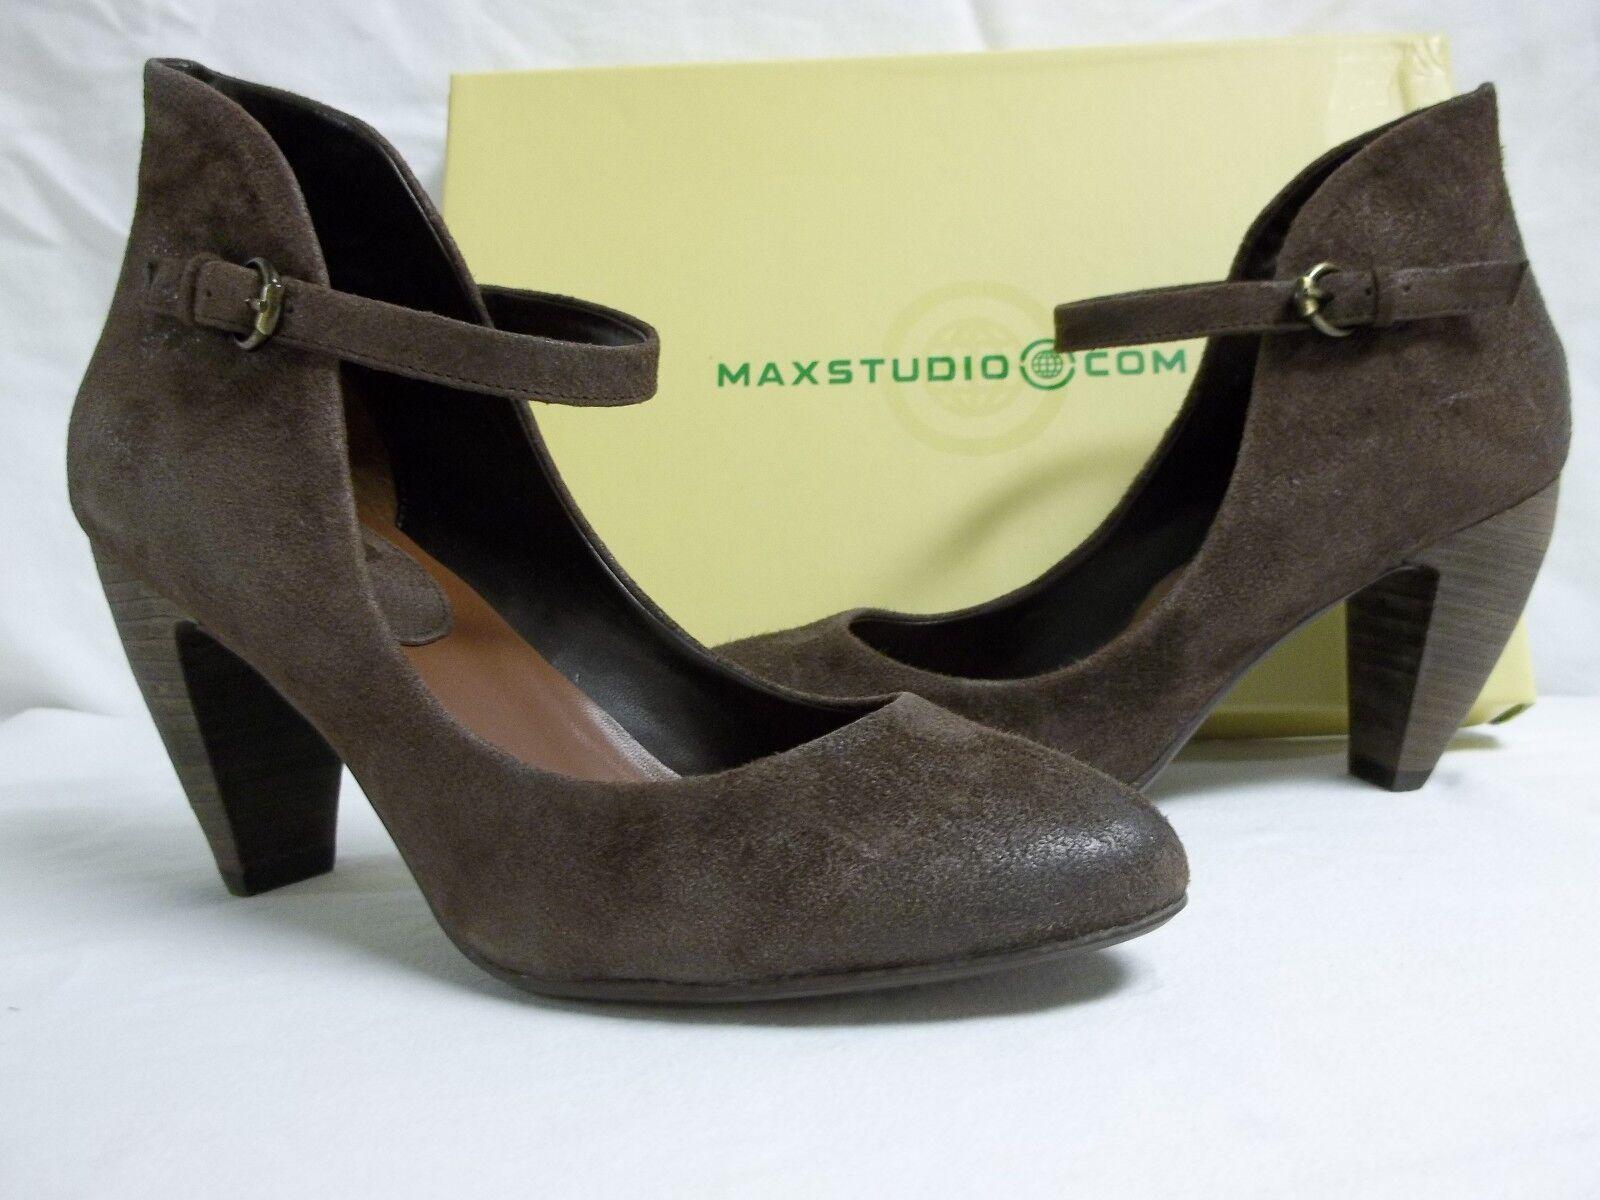 Max Studio Größe 7.5 M Beset Dark Braun Suede Mary Janes Heels NEU Damenschuhe Schuhes